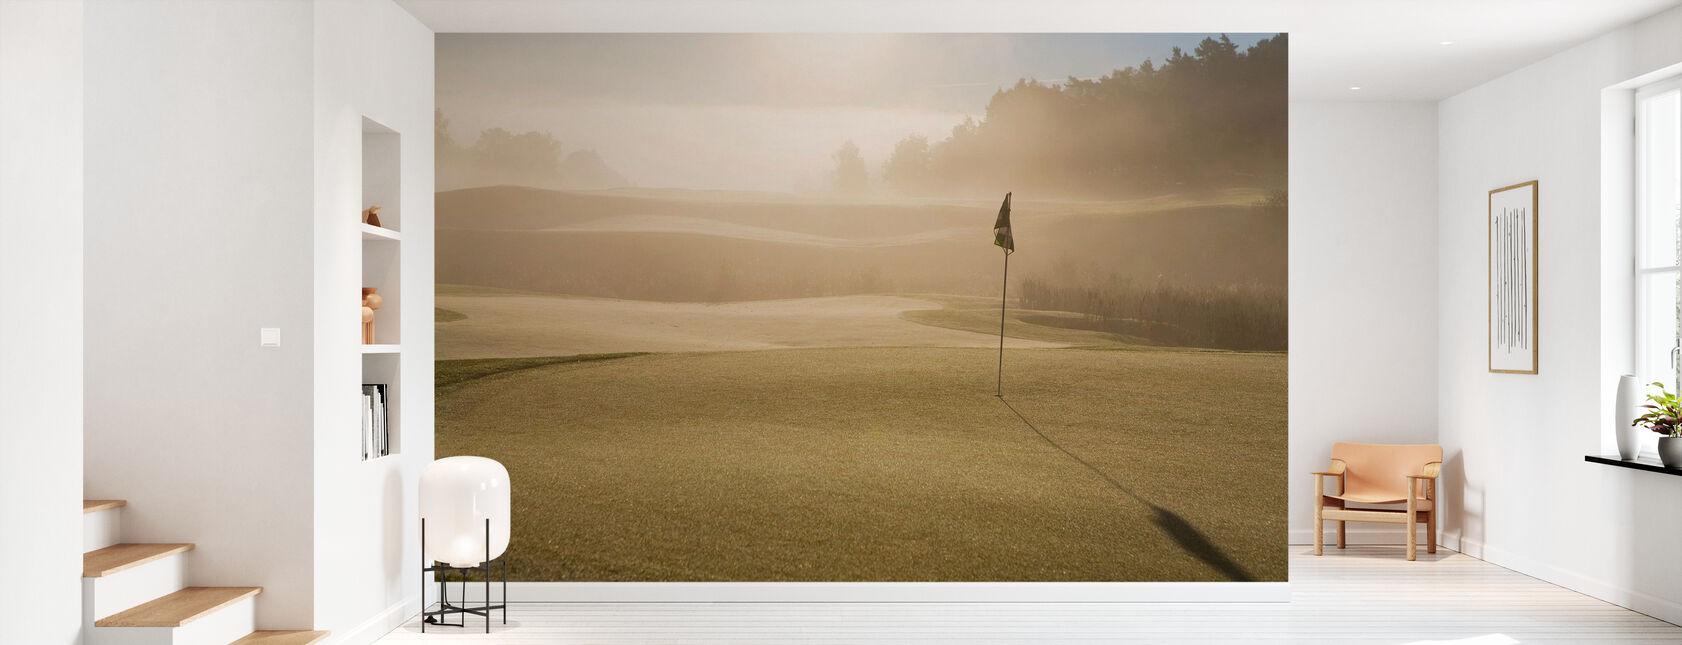 Golf Court in Mölndal, Sweden - Papel pintado - Corredor